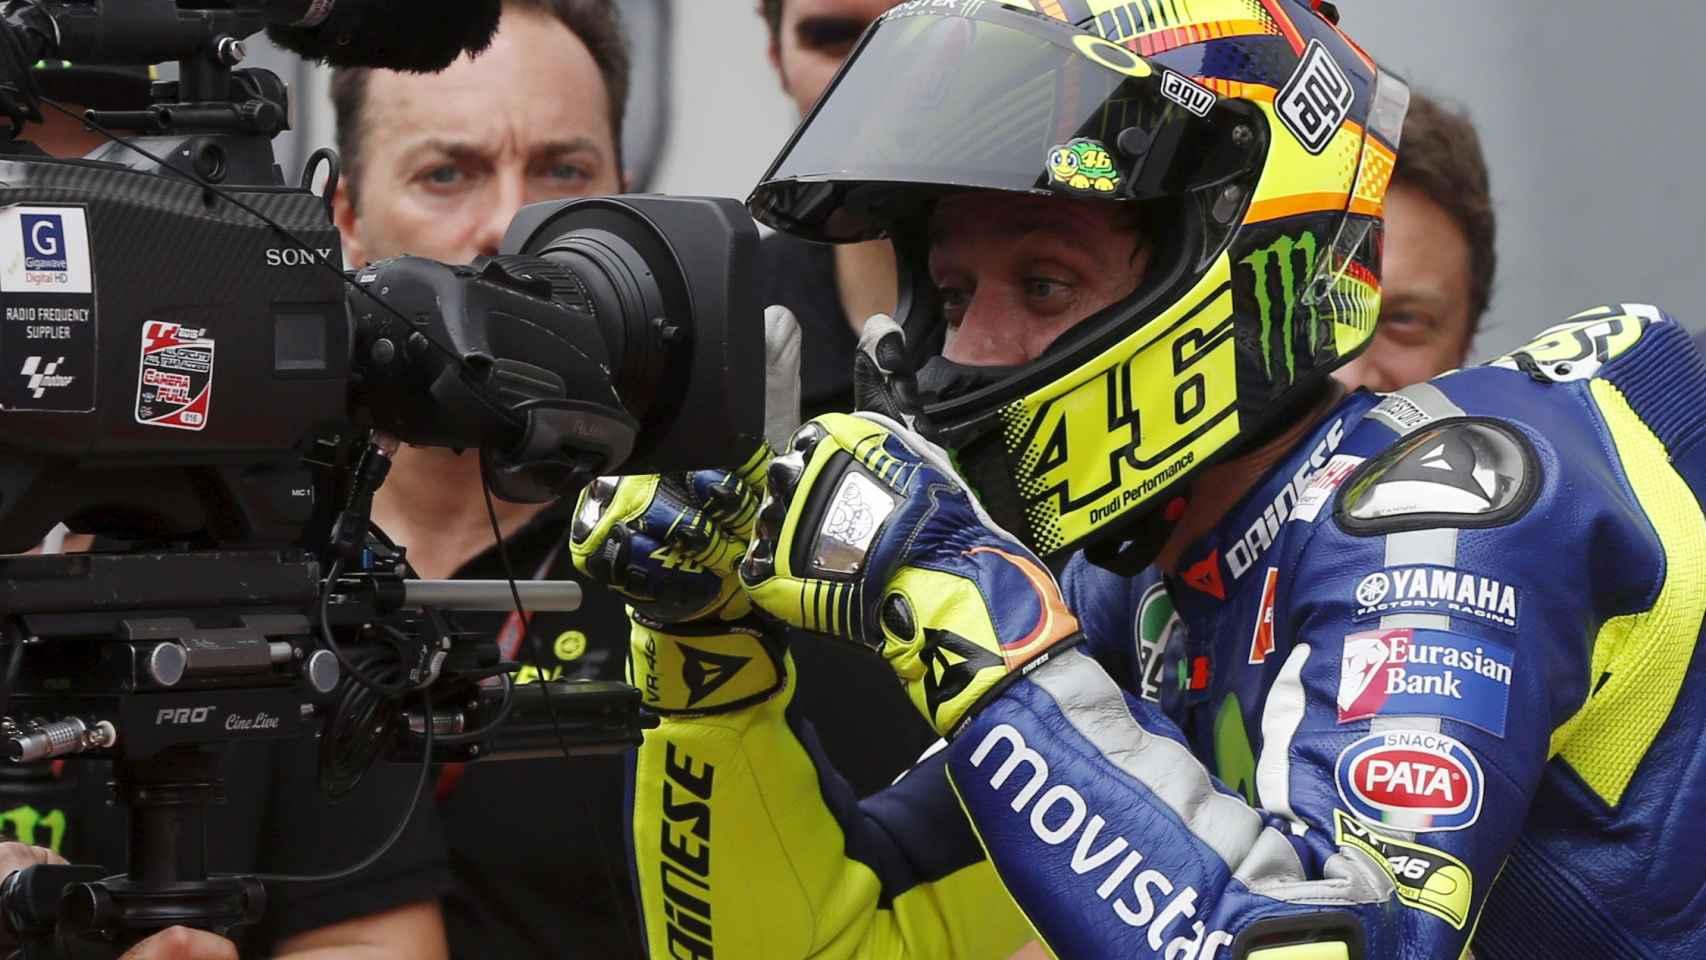 Valentino Rossi gesticula ante una cámara durante el Gran Premio de Malasia de Moto GP.